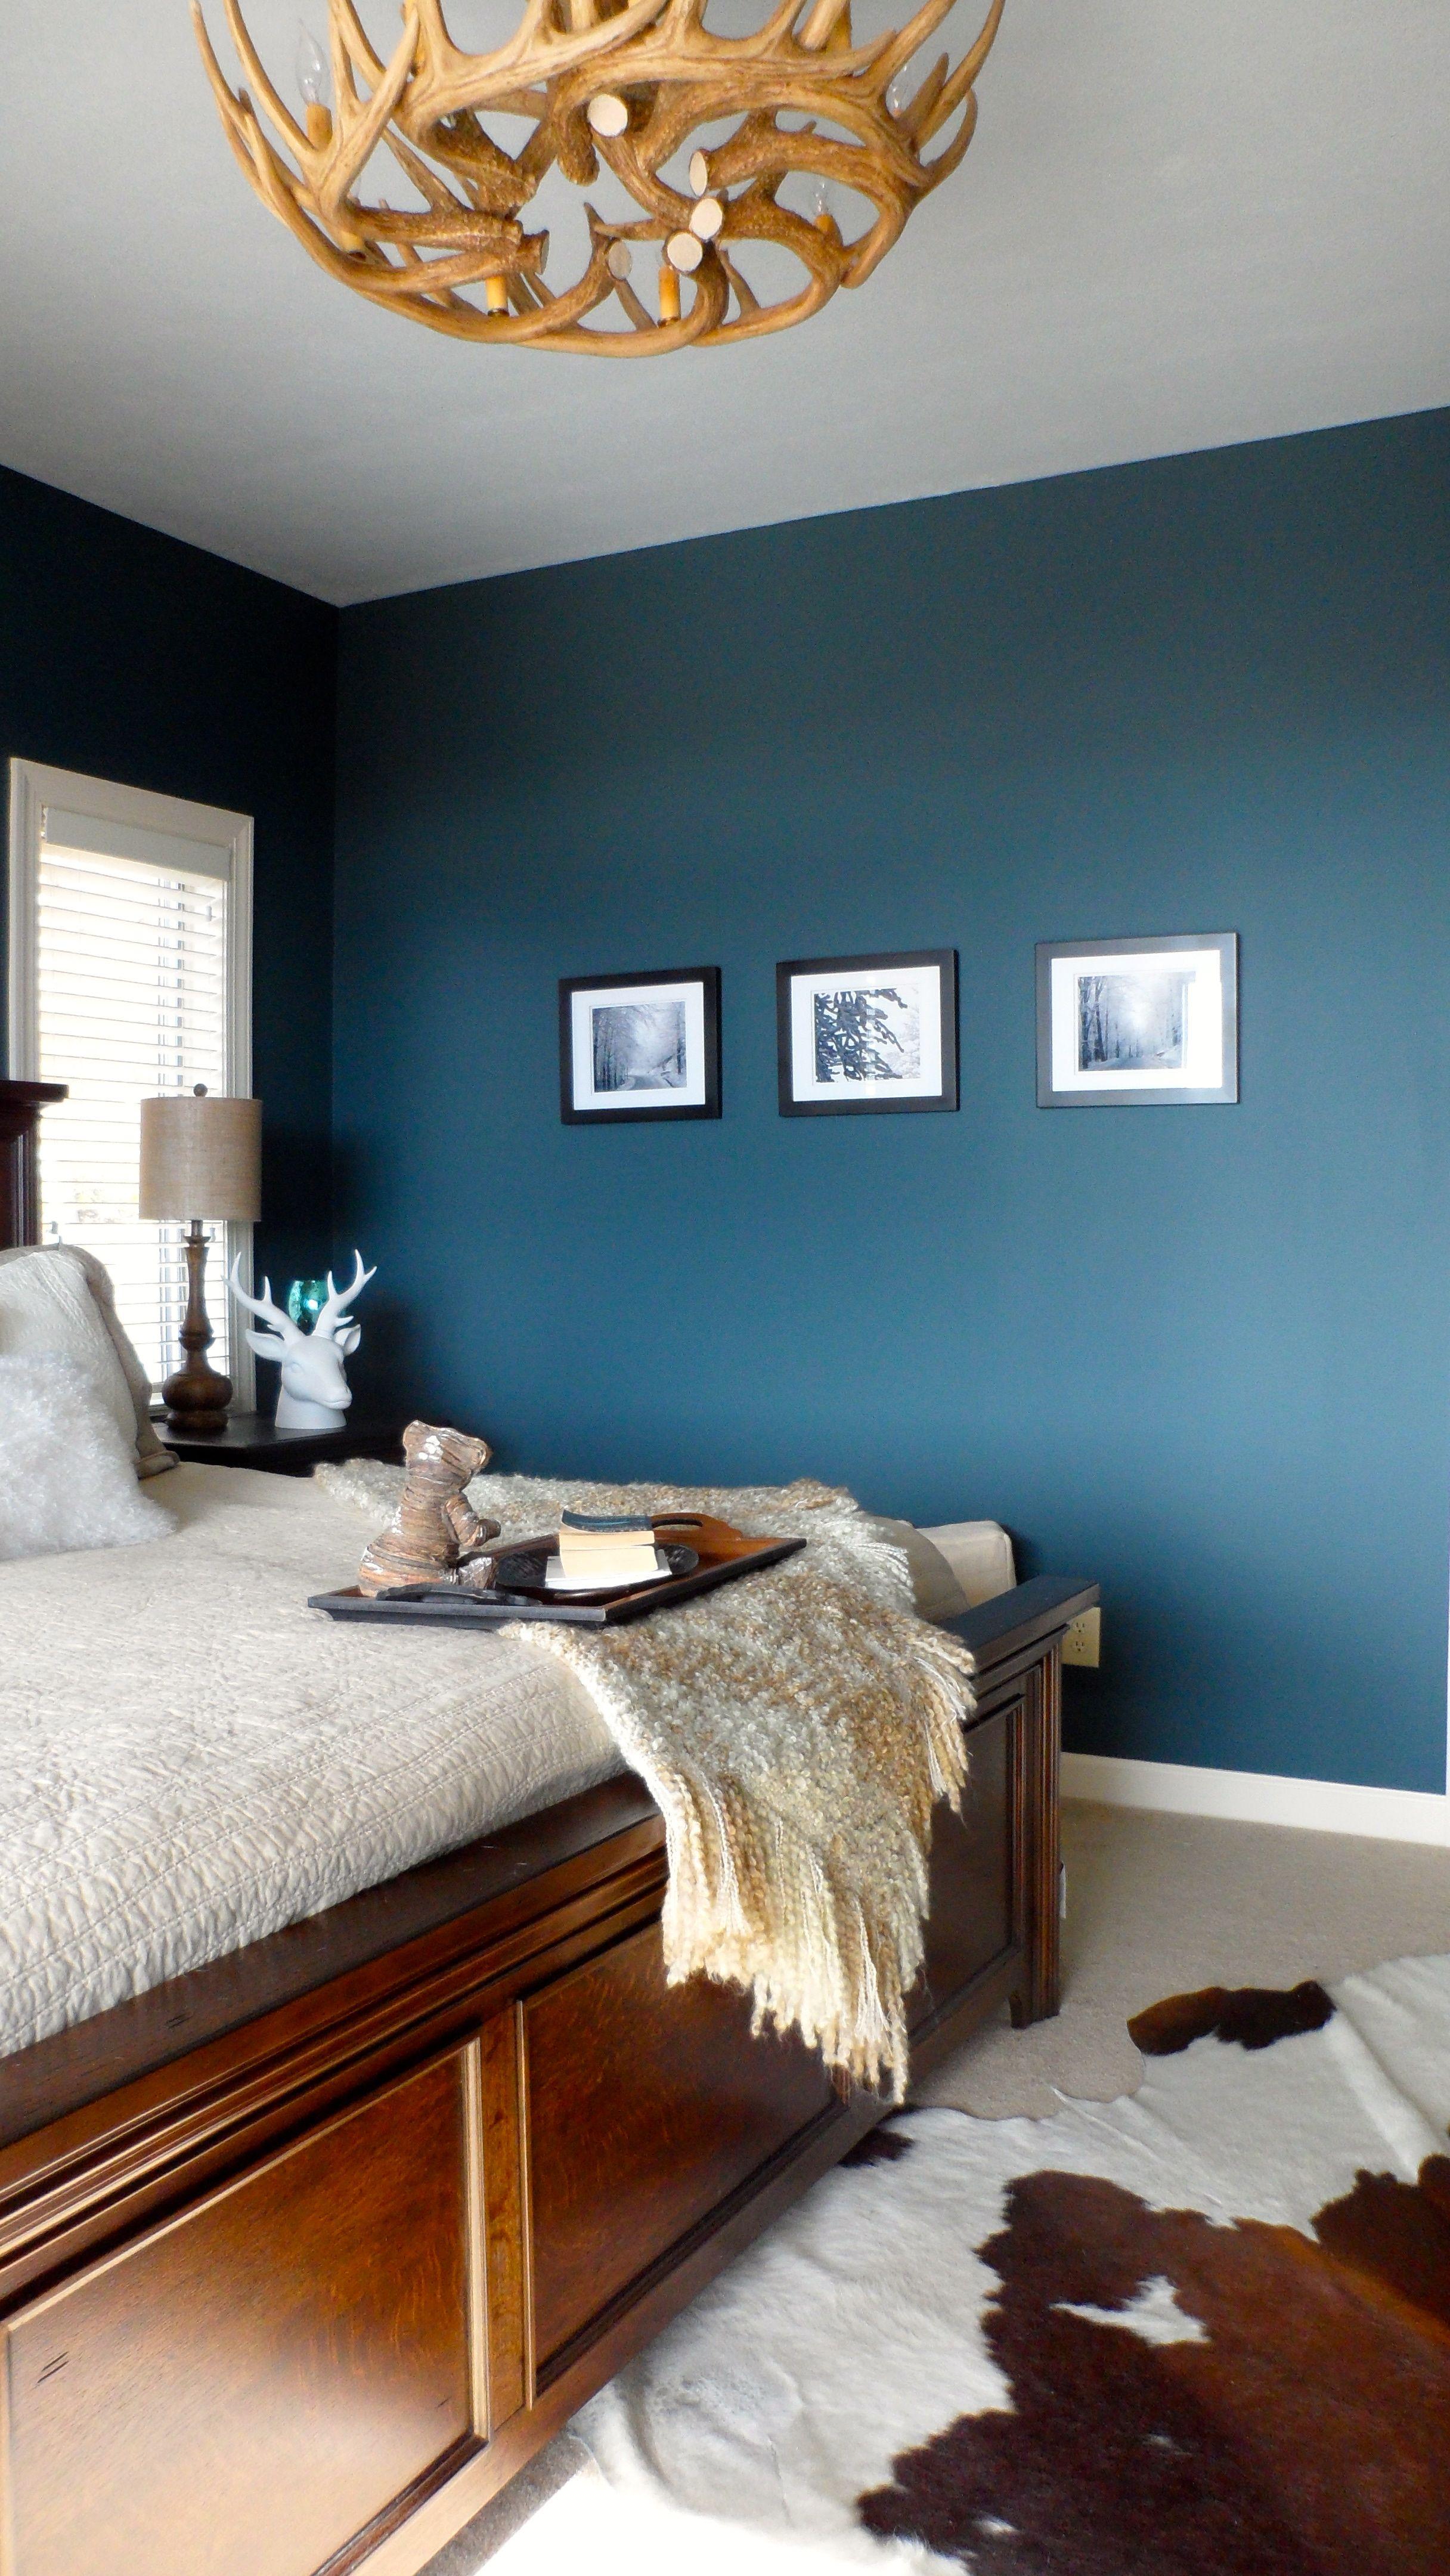 rustic bedroom wall paint color ideas | Couleur de chambre - 100 idées sur la peinture murale ou ...